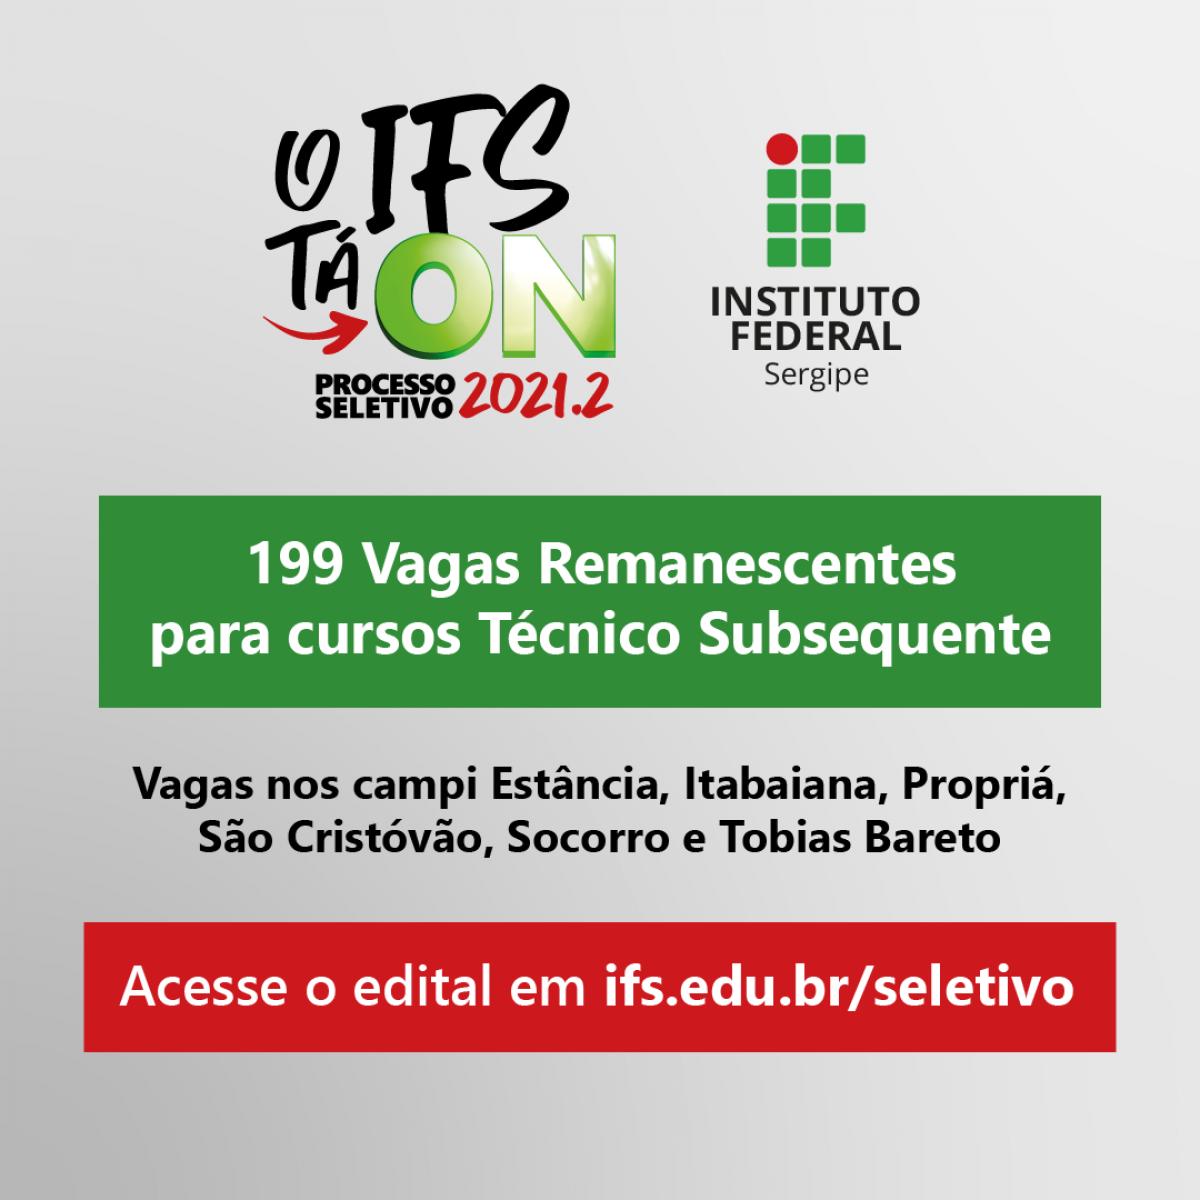 IFS abre seleção para 199 vagas remanescentes em cursos técnicos subsequentes (Foto: Divulgação/ IFS)